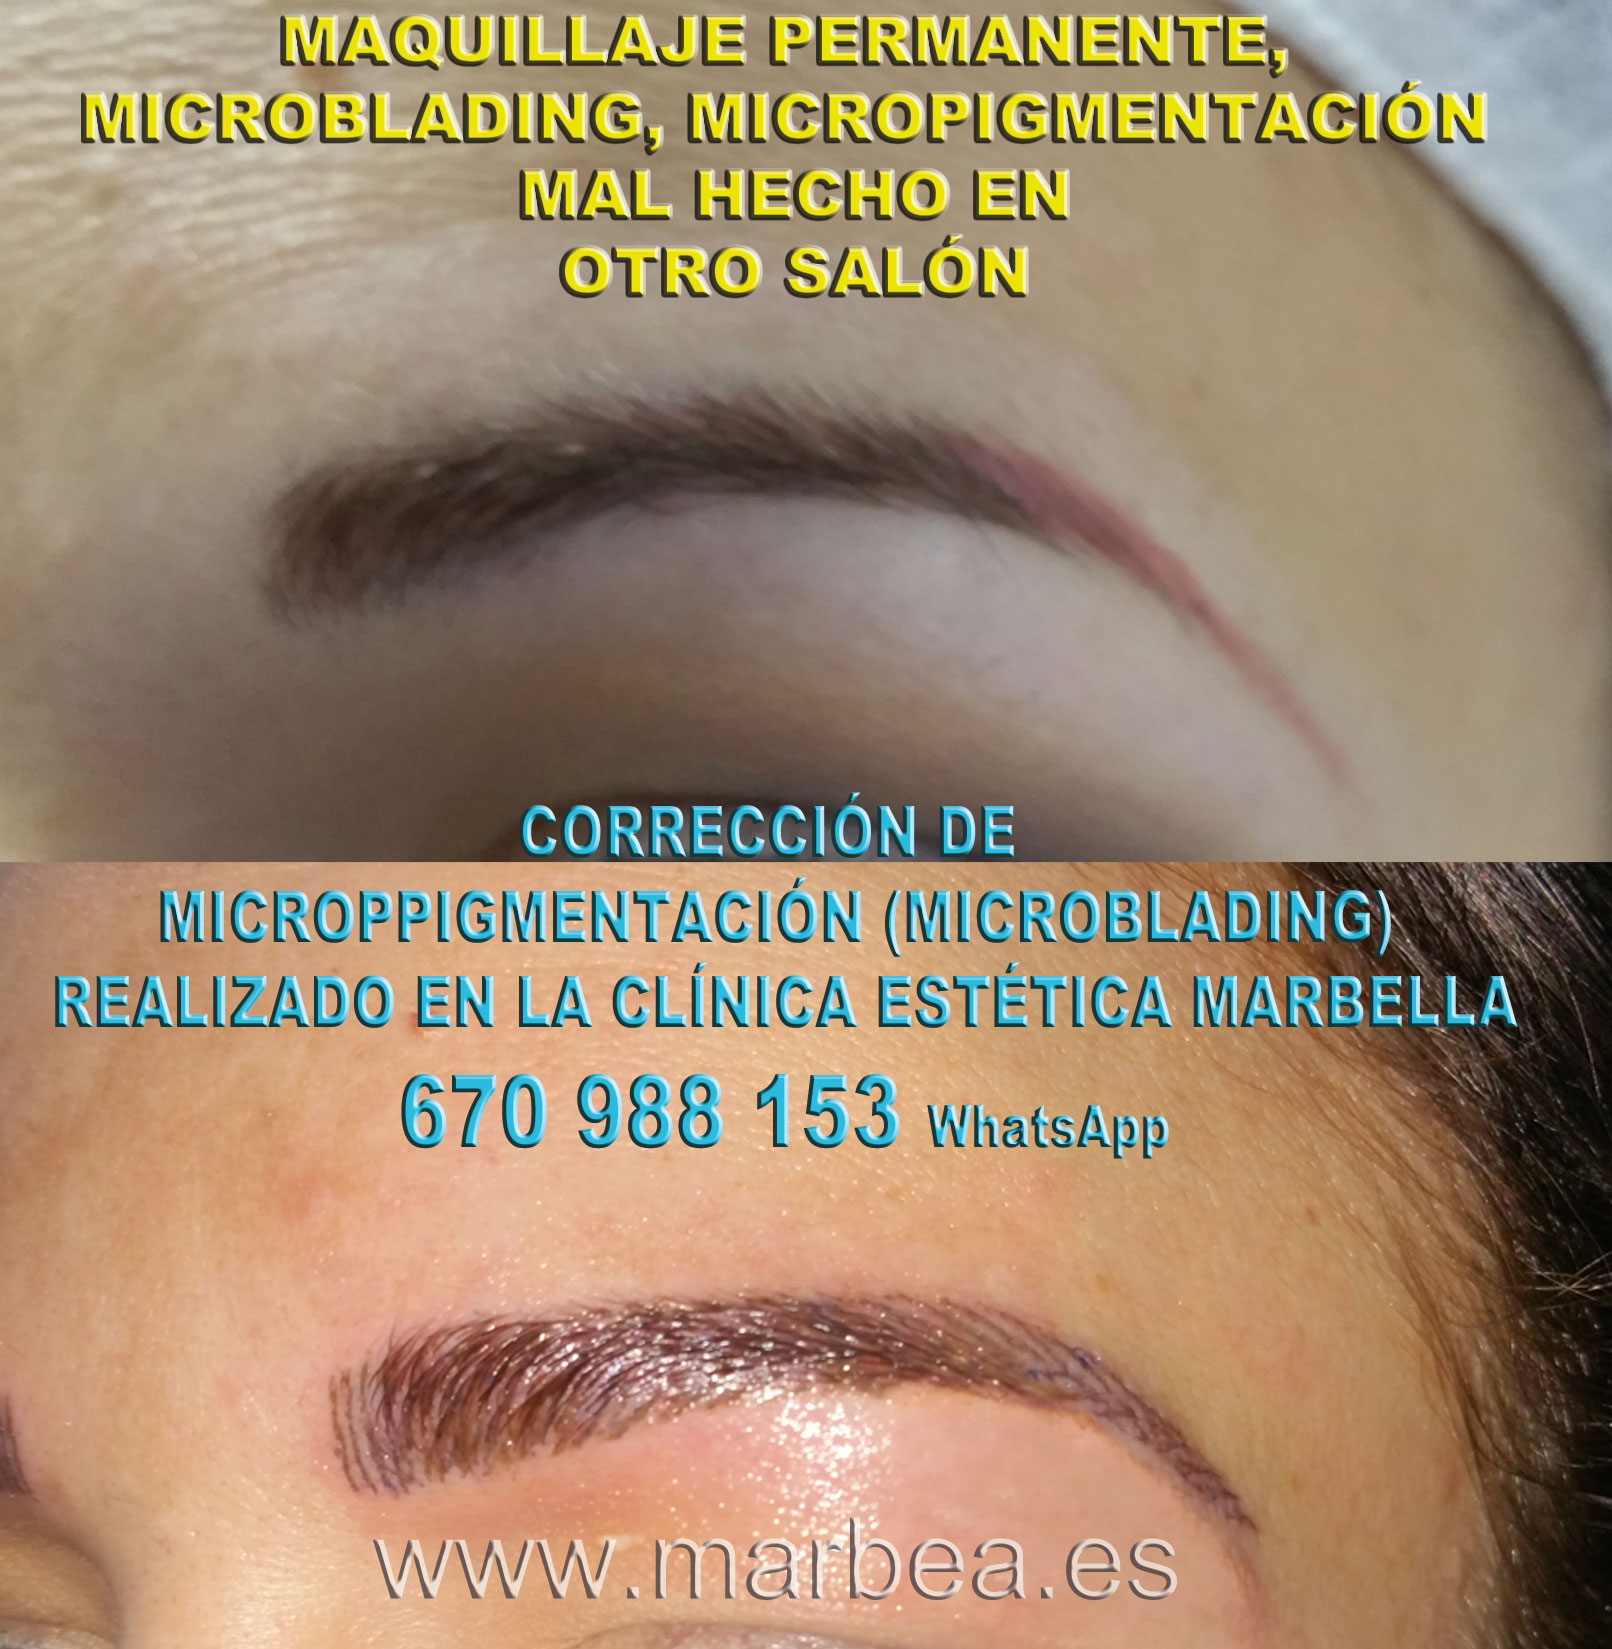 Borrar maquillaje permanente mal hecha clínica estética micropigmentación ofrenda corrección de cejas mal tatuadas,corregir micropigmentación mal hecha